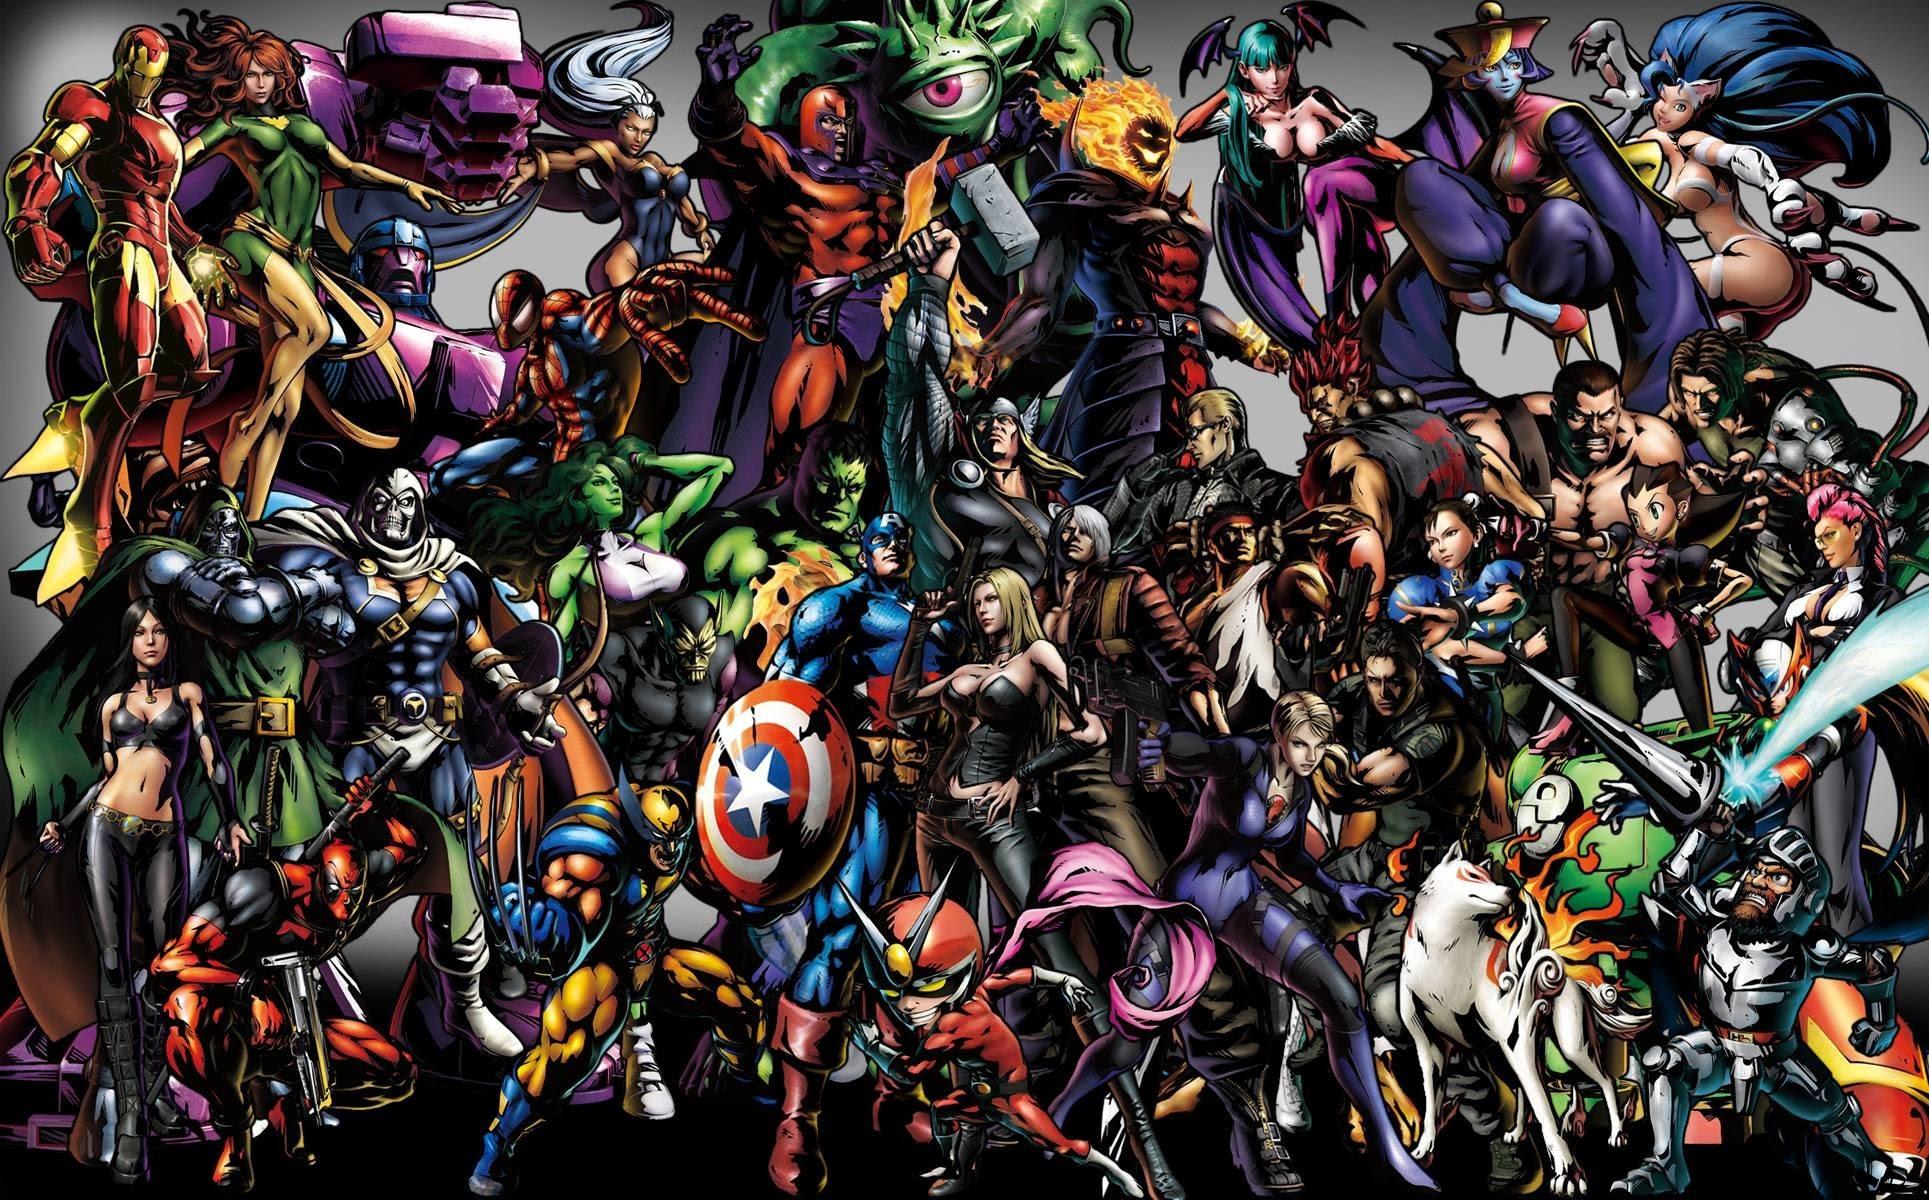 Marvel Vs Capcom 3 Wallpaper 71 Images